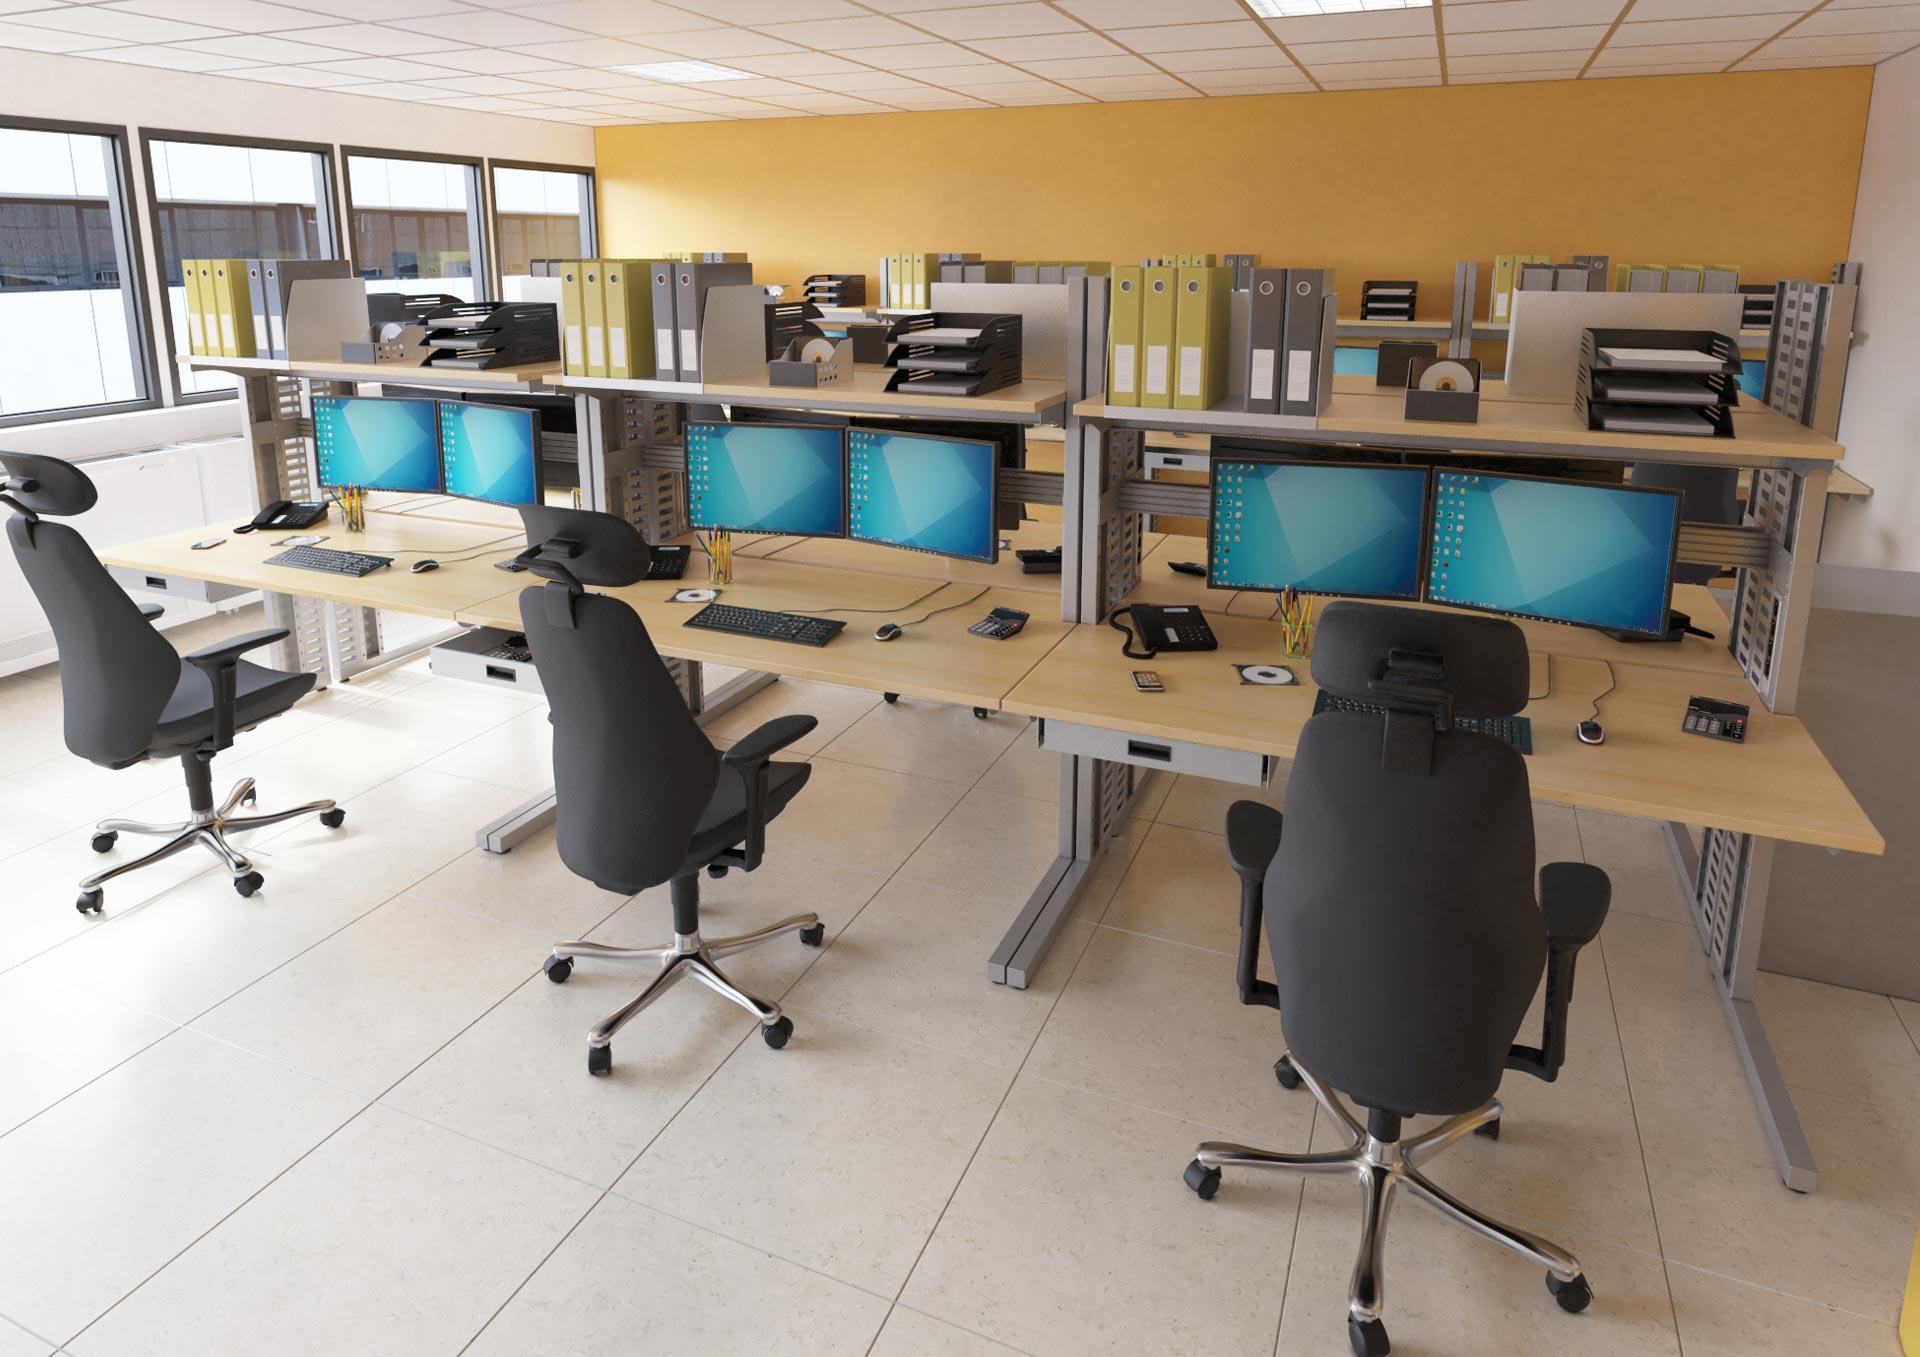 Stations informatiques configurées en bancs d'essaies